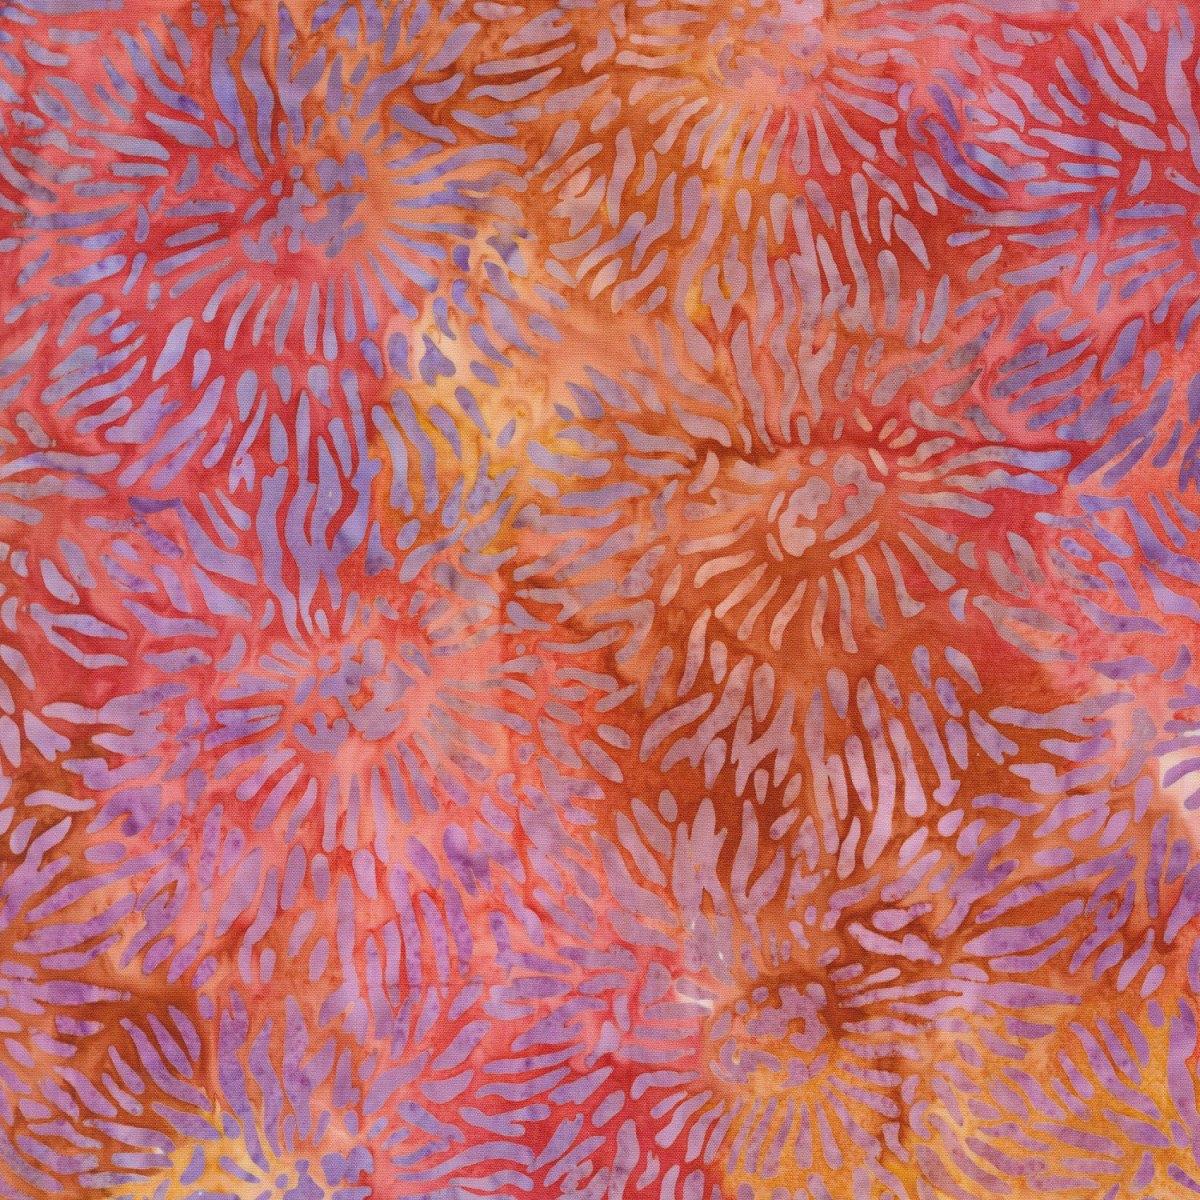 Tigerfish Batik Fabric By McKenna Ryan